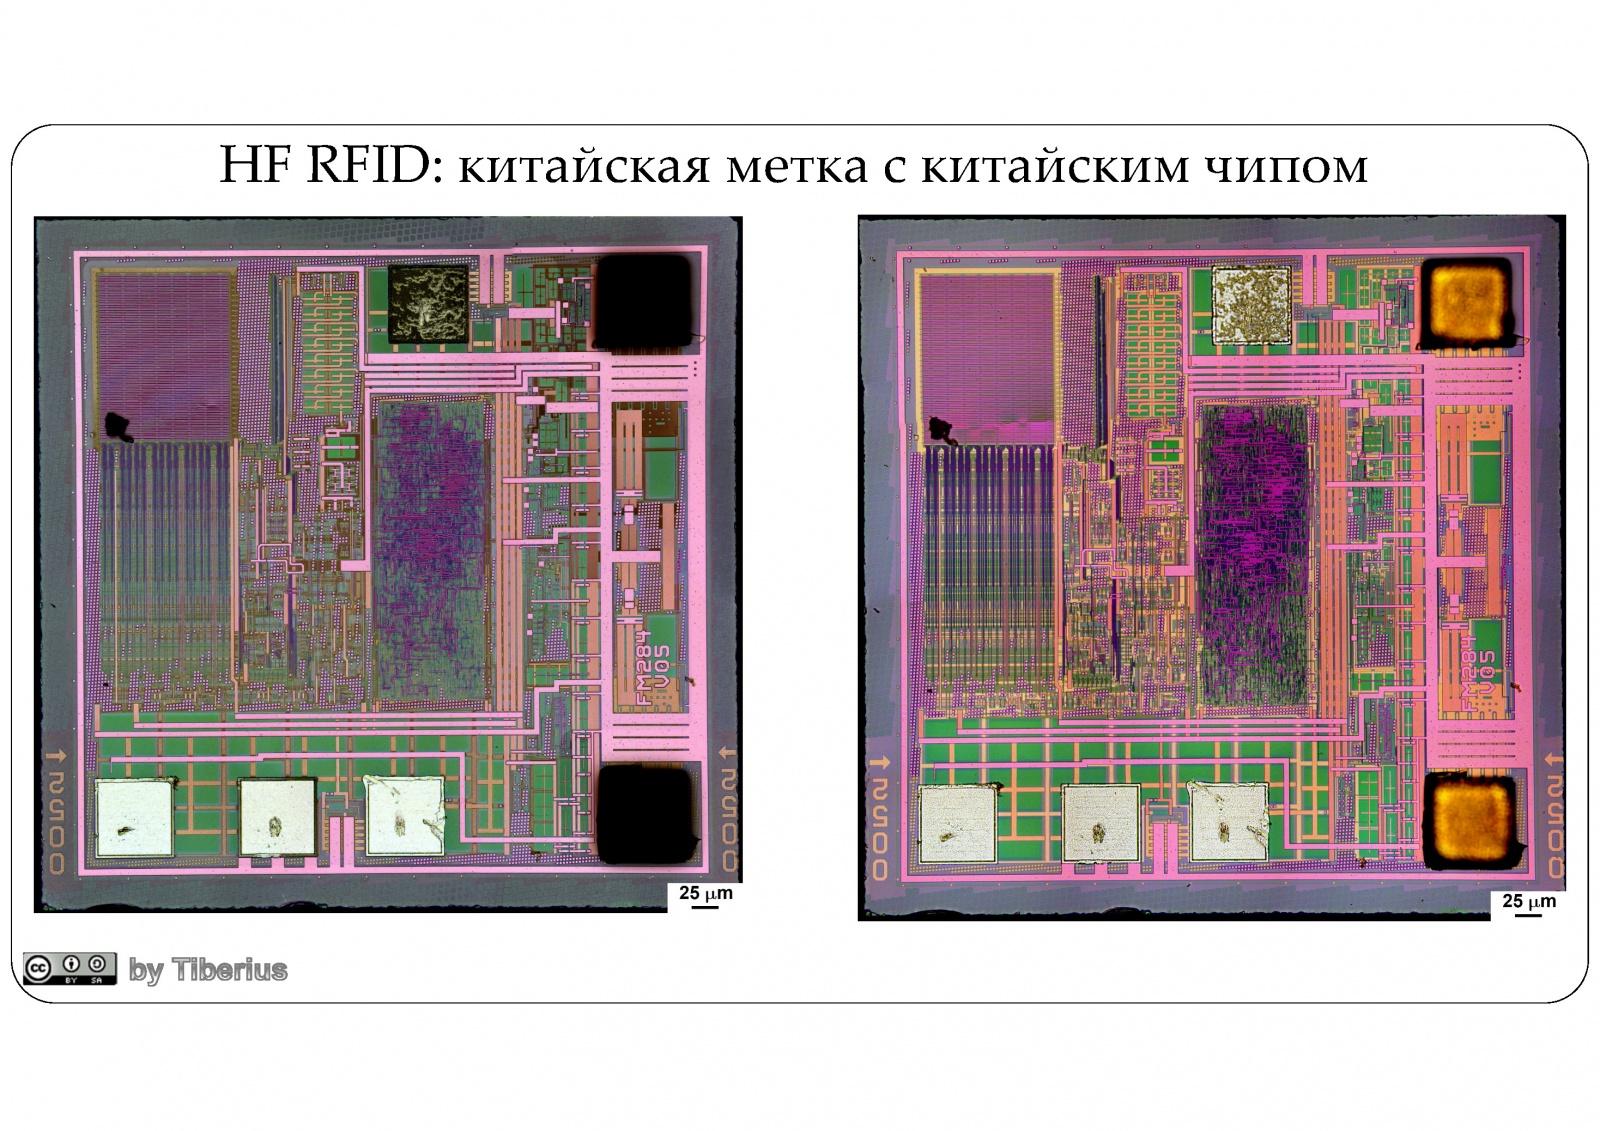 Взгляд изнутри: RFID в современном мире. Часть 2: китайские RFID - 10